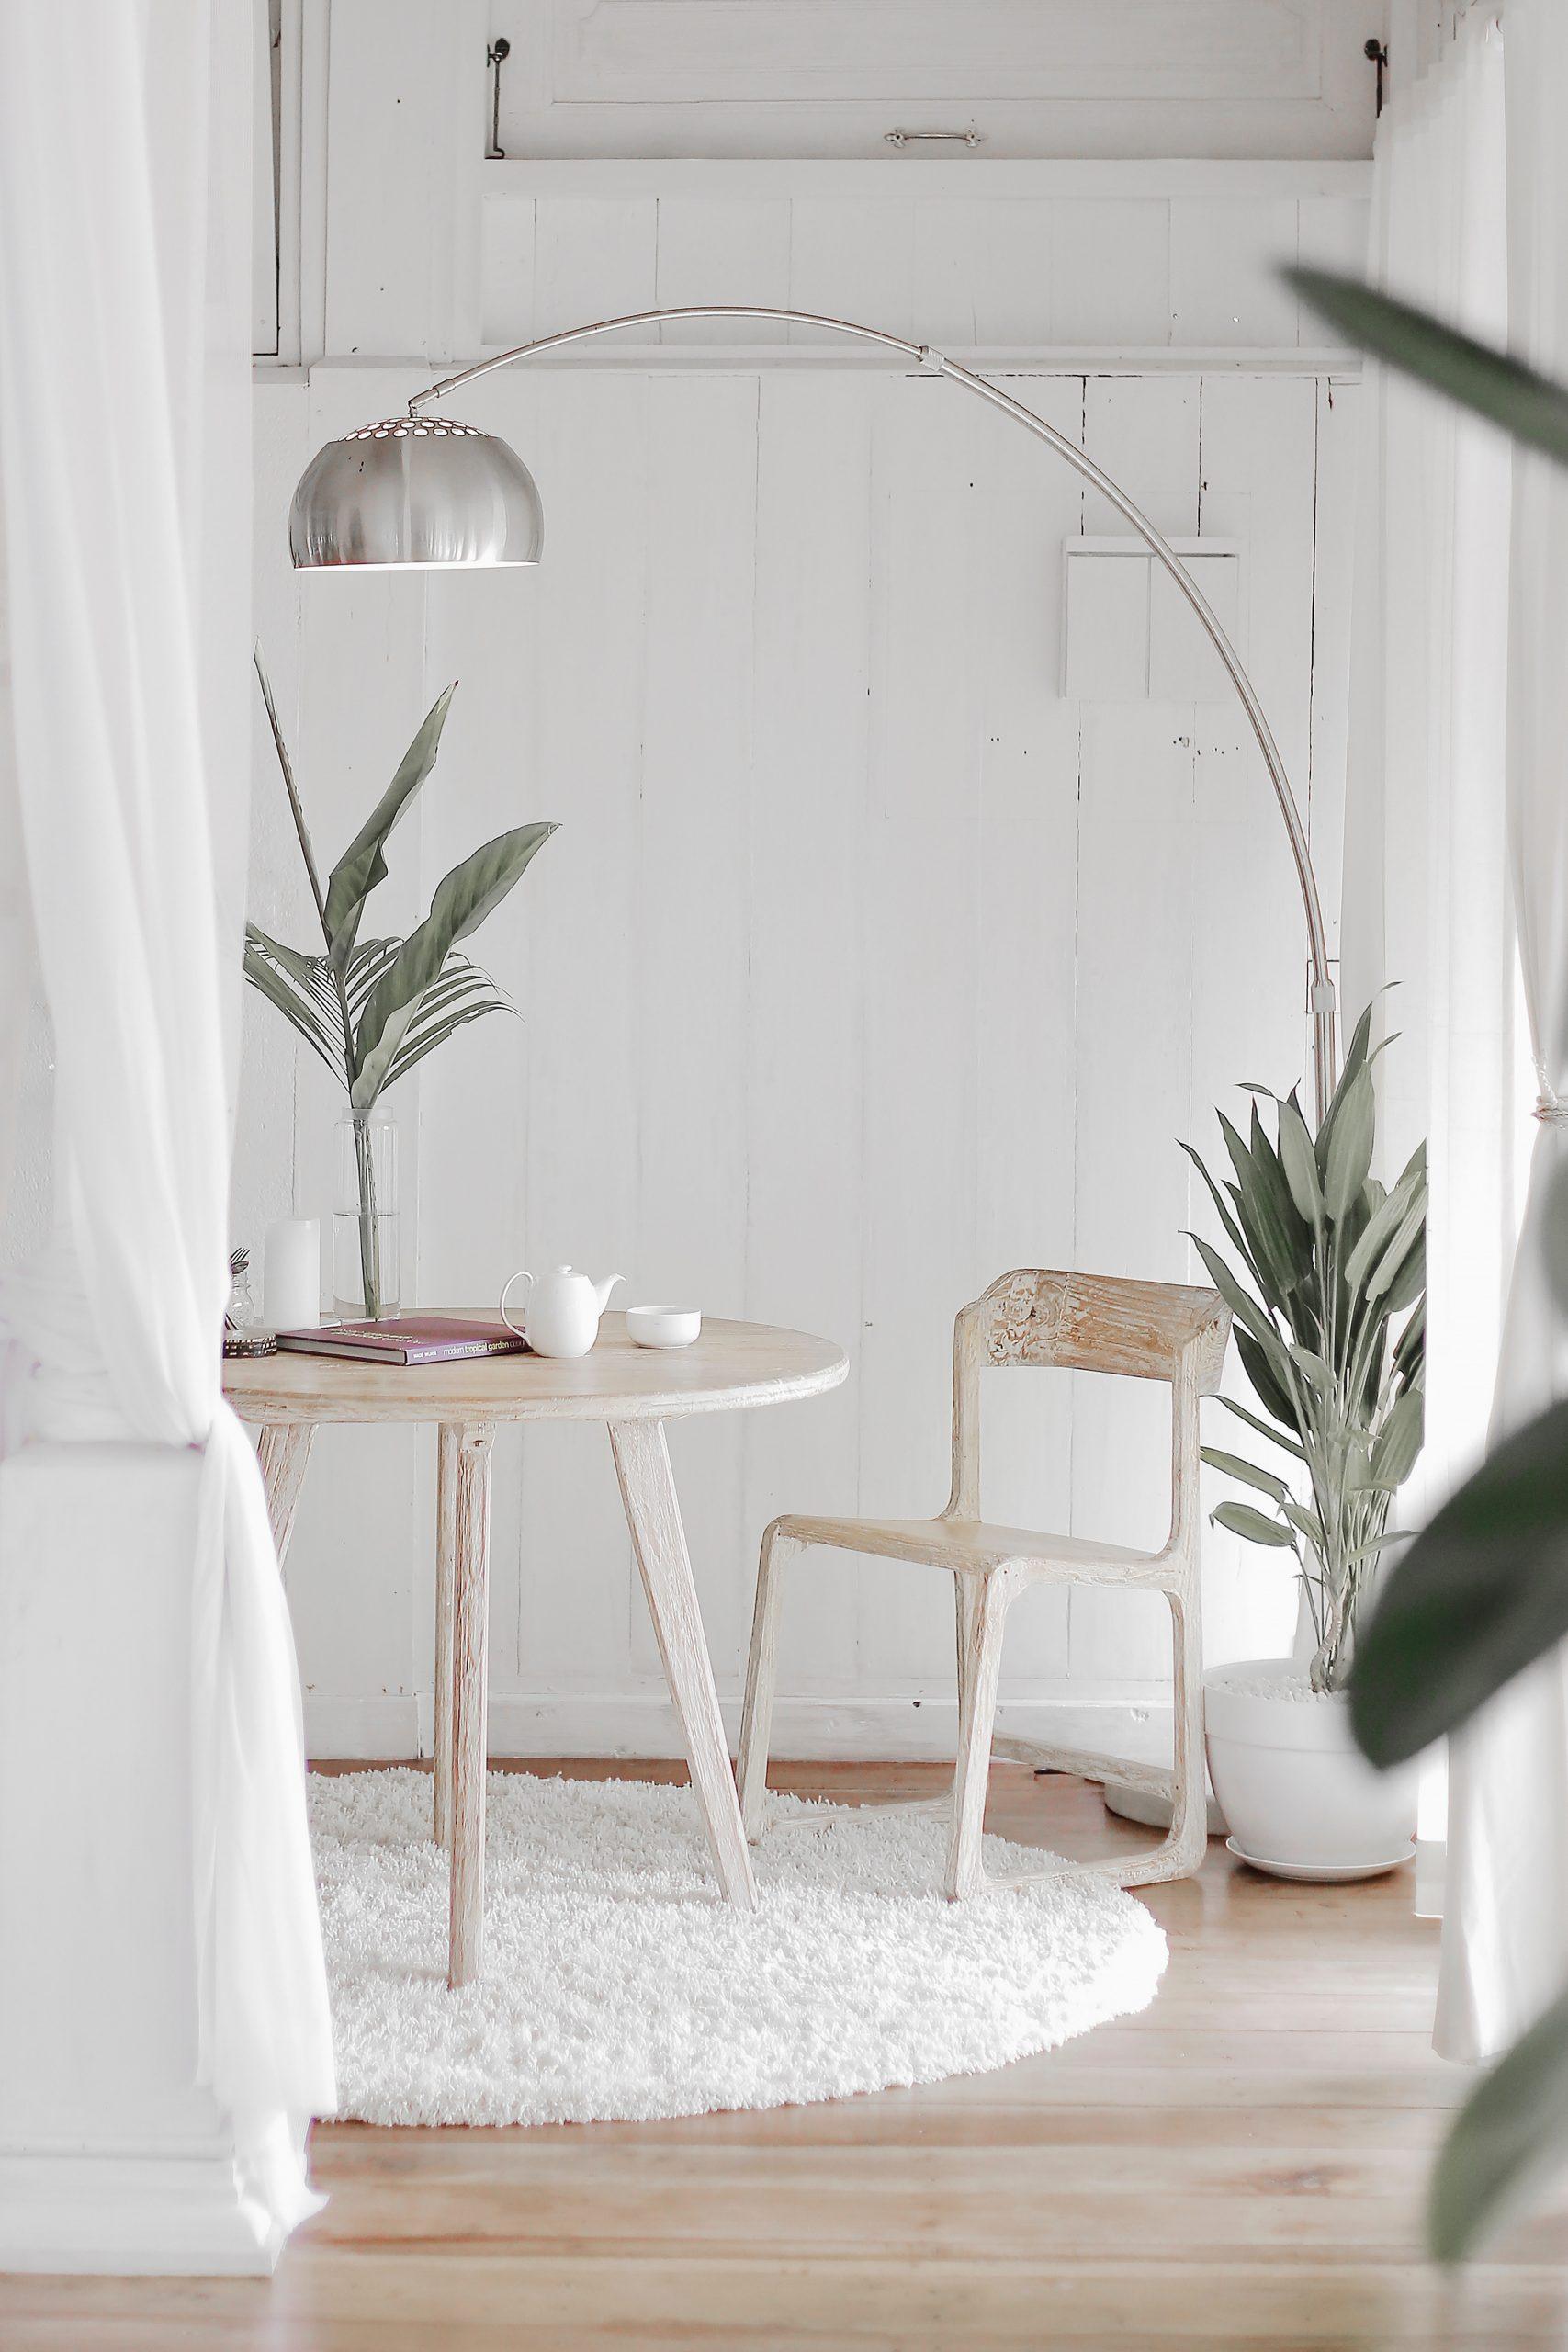 pièce décorée en blanc avec parquet au sol table e t chaise en bois luminaire et plantes